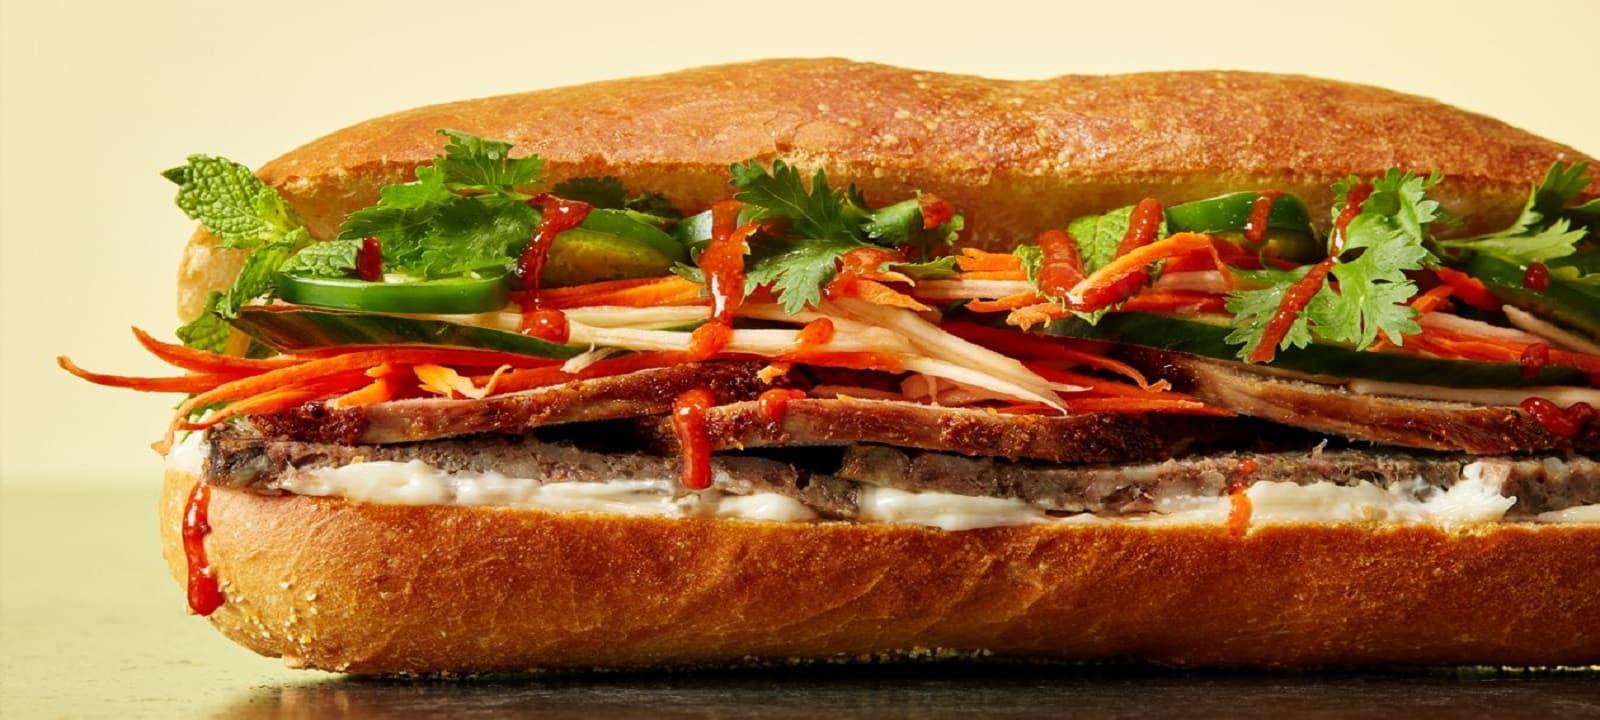 Le meilleur sandwich du monde : Le banh mi ?